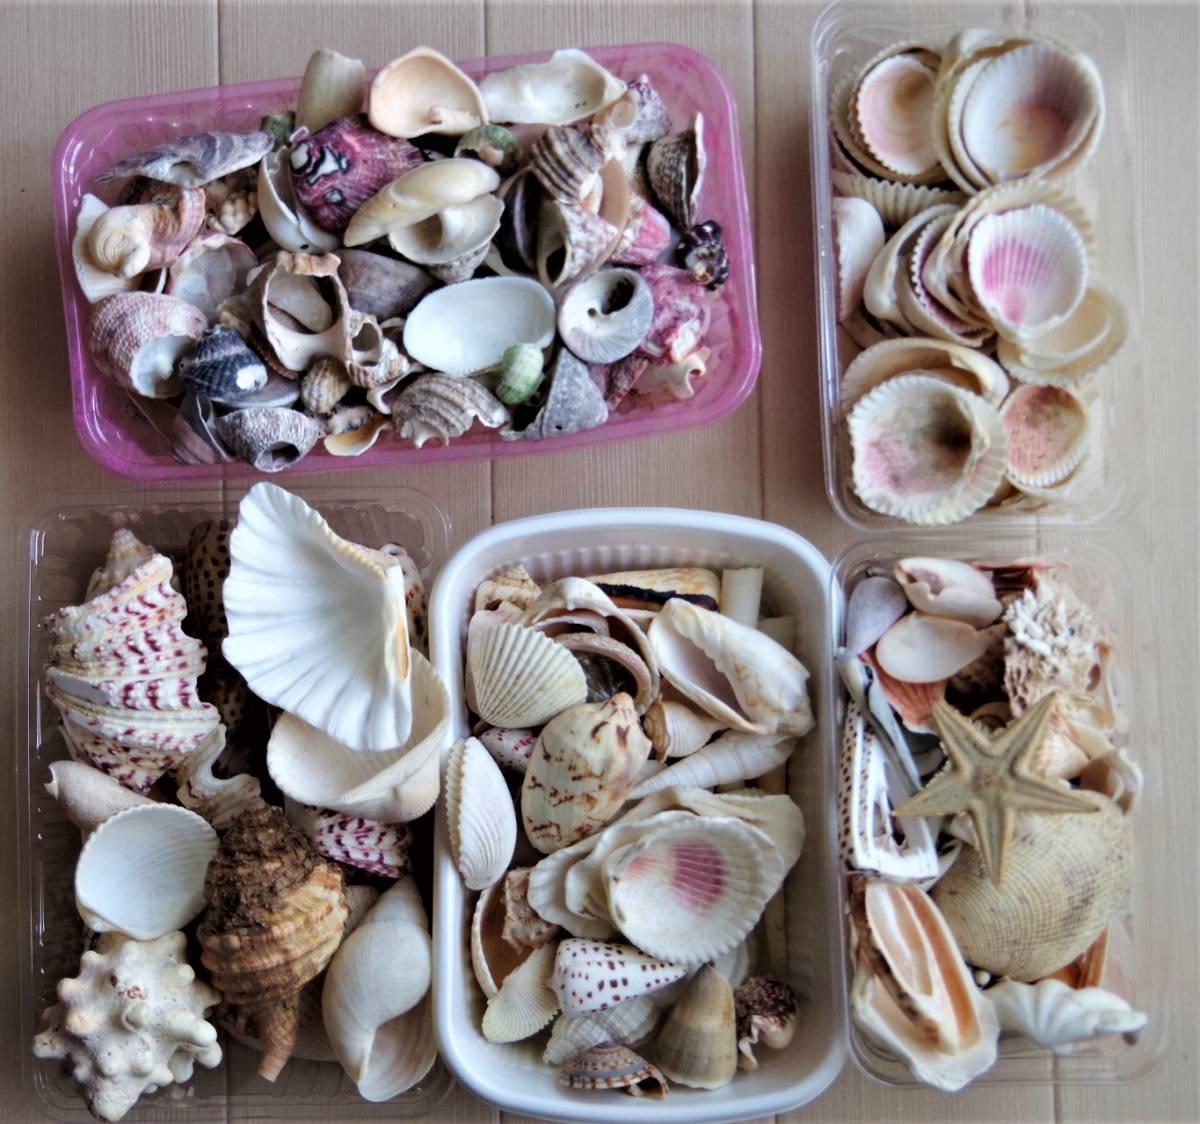 貝殻 総重量2.5㎏ クモガイなど9P   ビーチコーミング 工作 宿題 手芸  自由研究_画像1